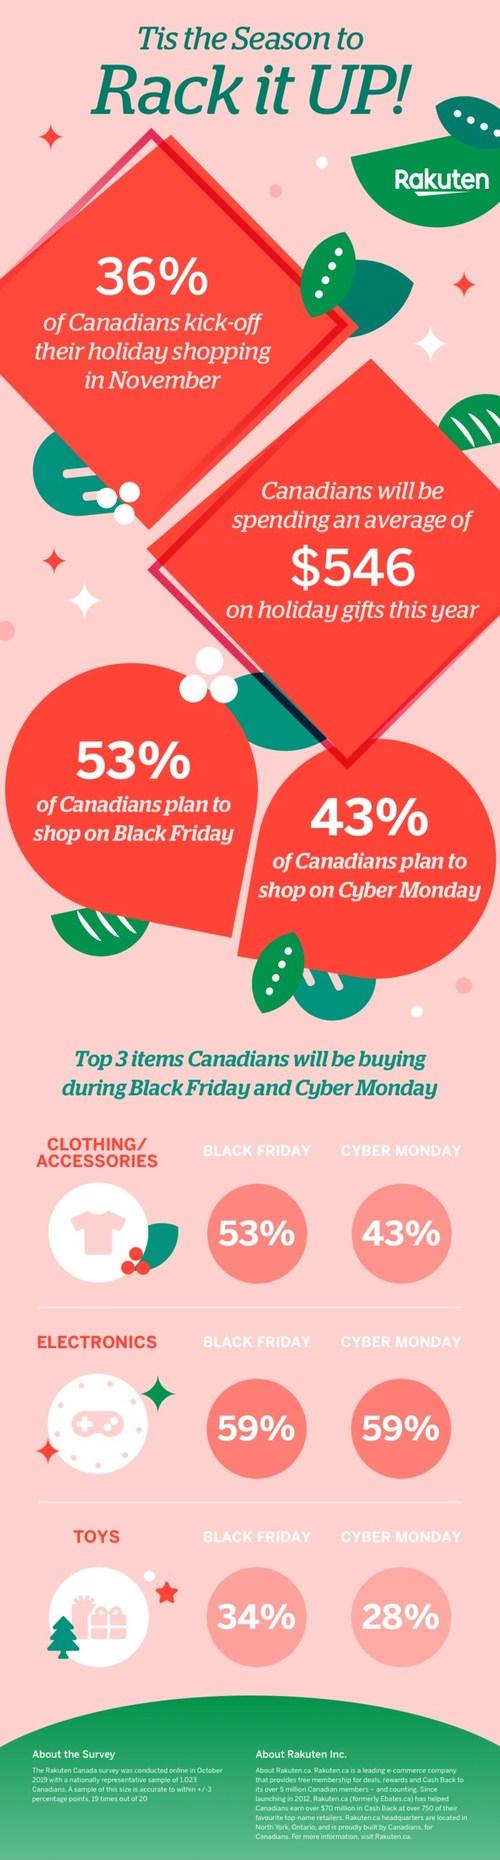 Rakuten.ca shares how Canadians are spending this Holiday season (CNW Group/Rakuten.ca)